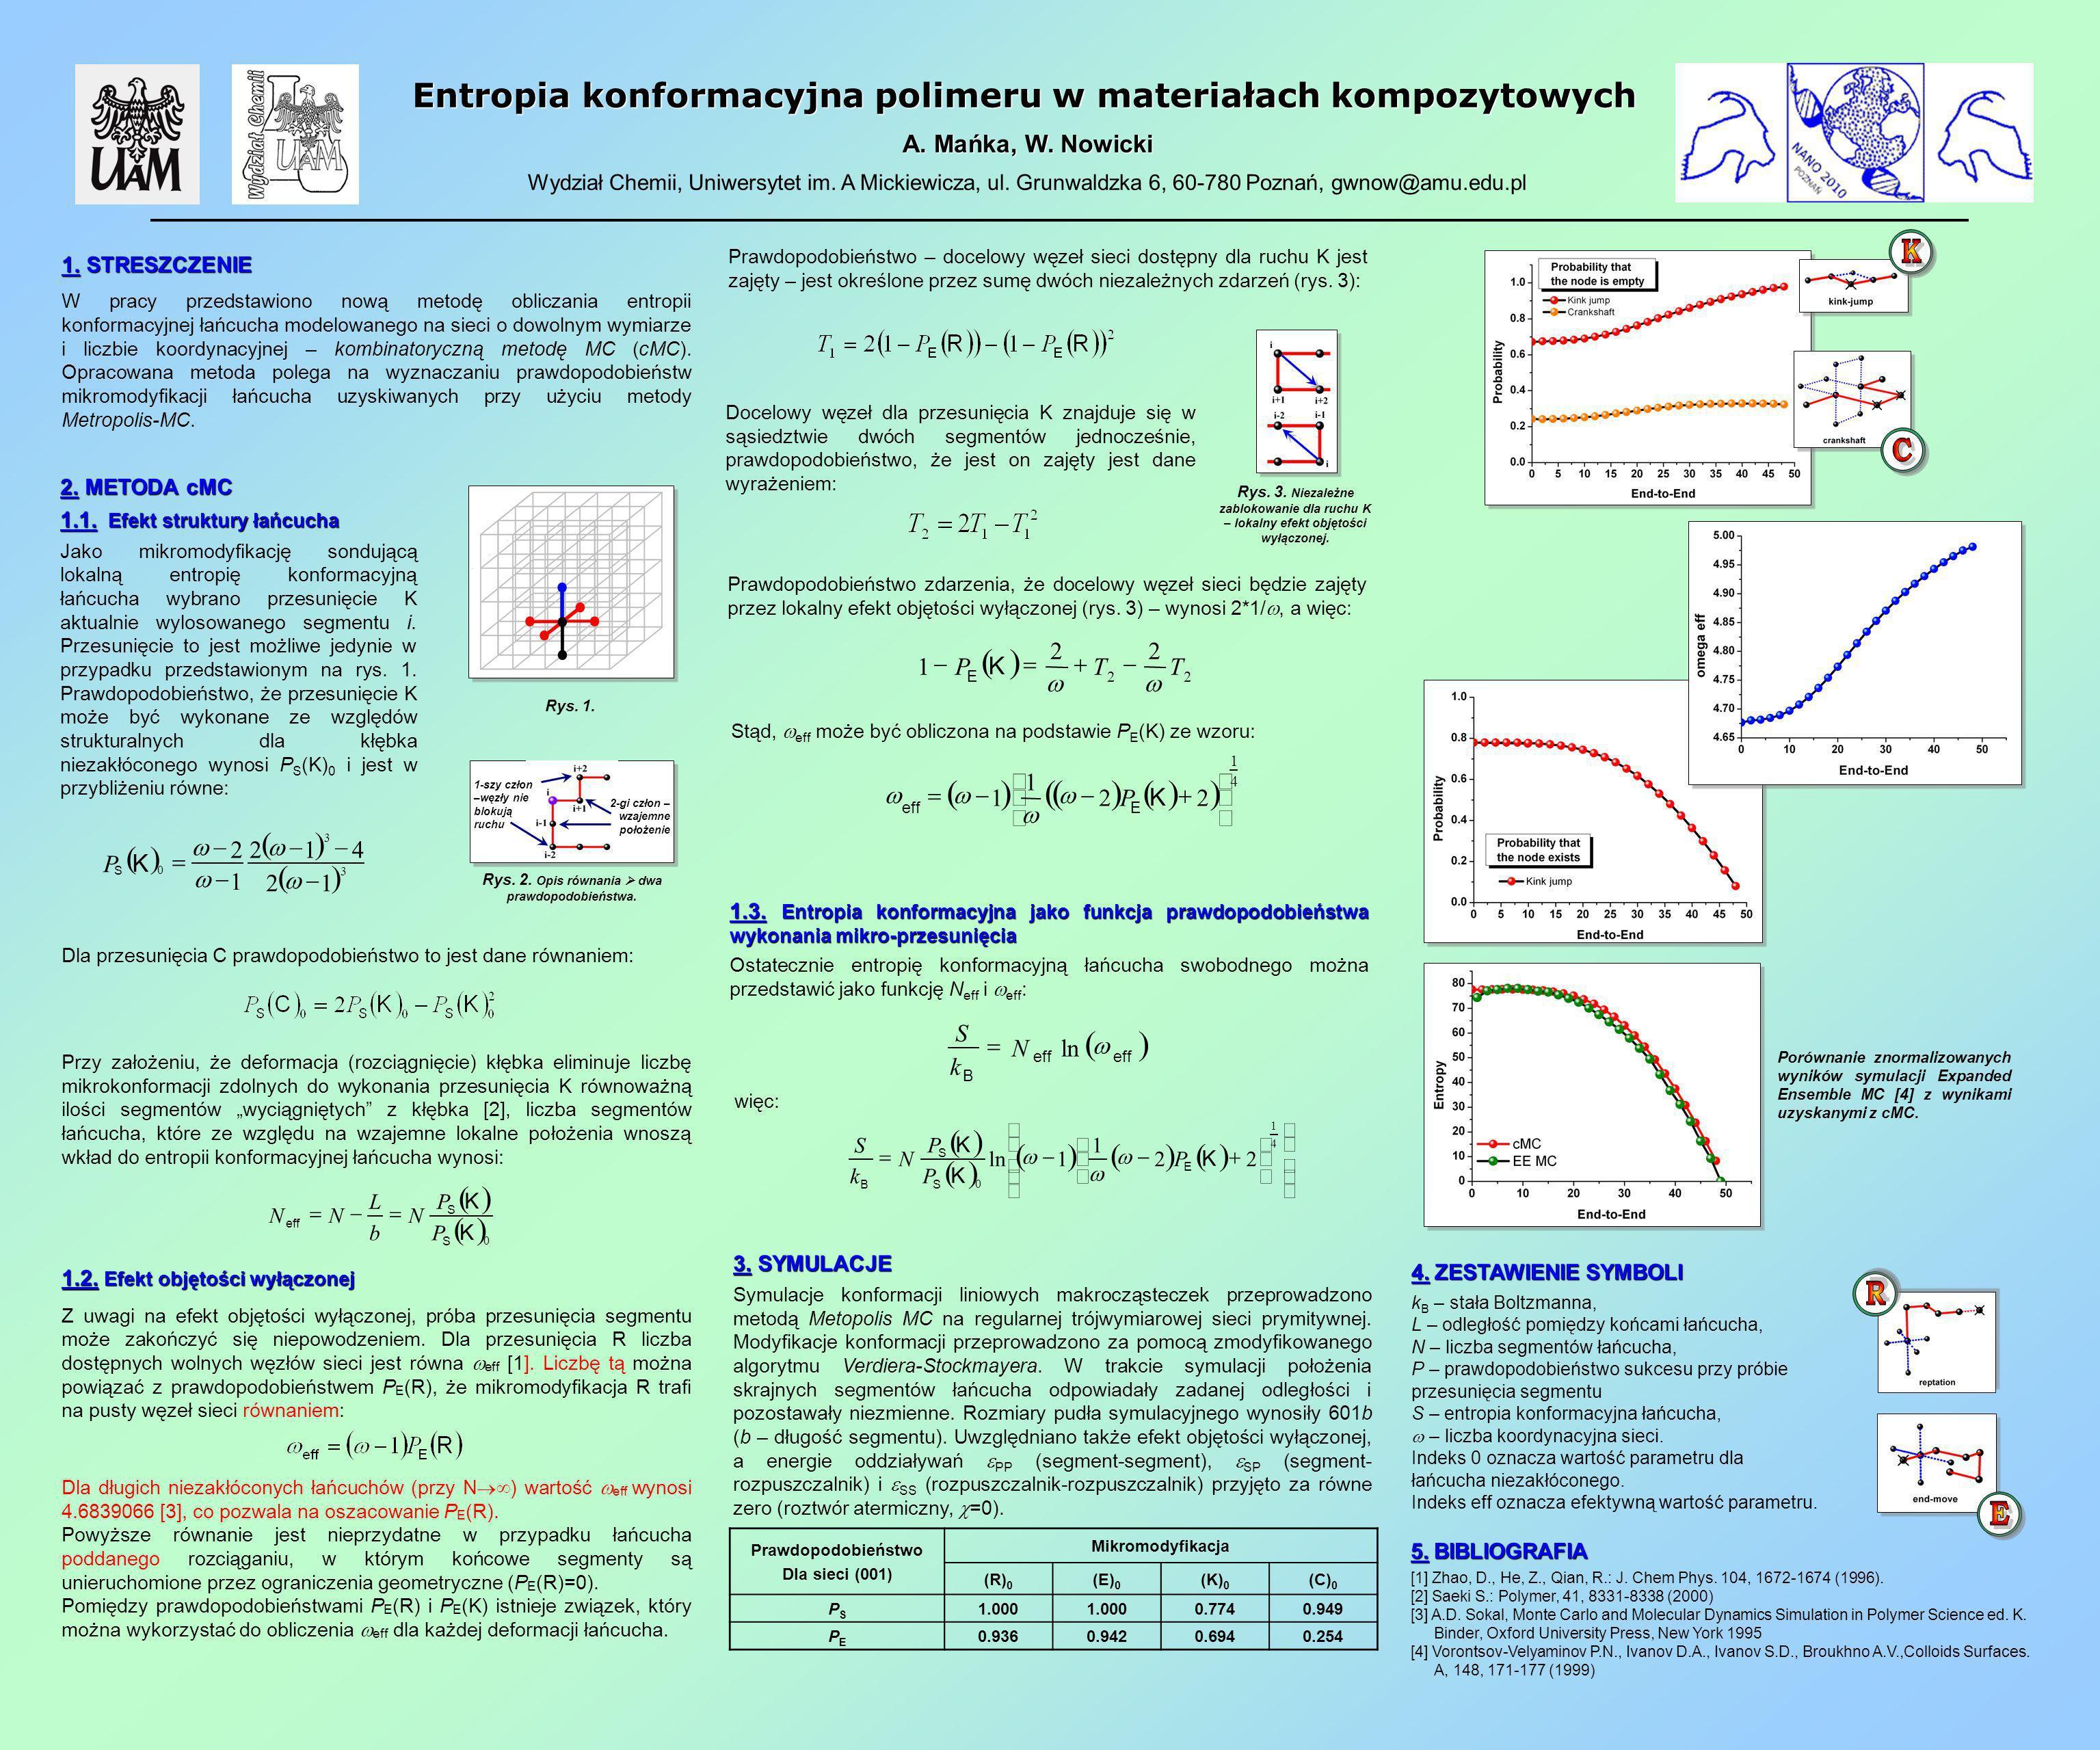 Entropia konformacyjna polimeru w materiałach kompozytowych